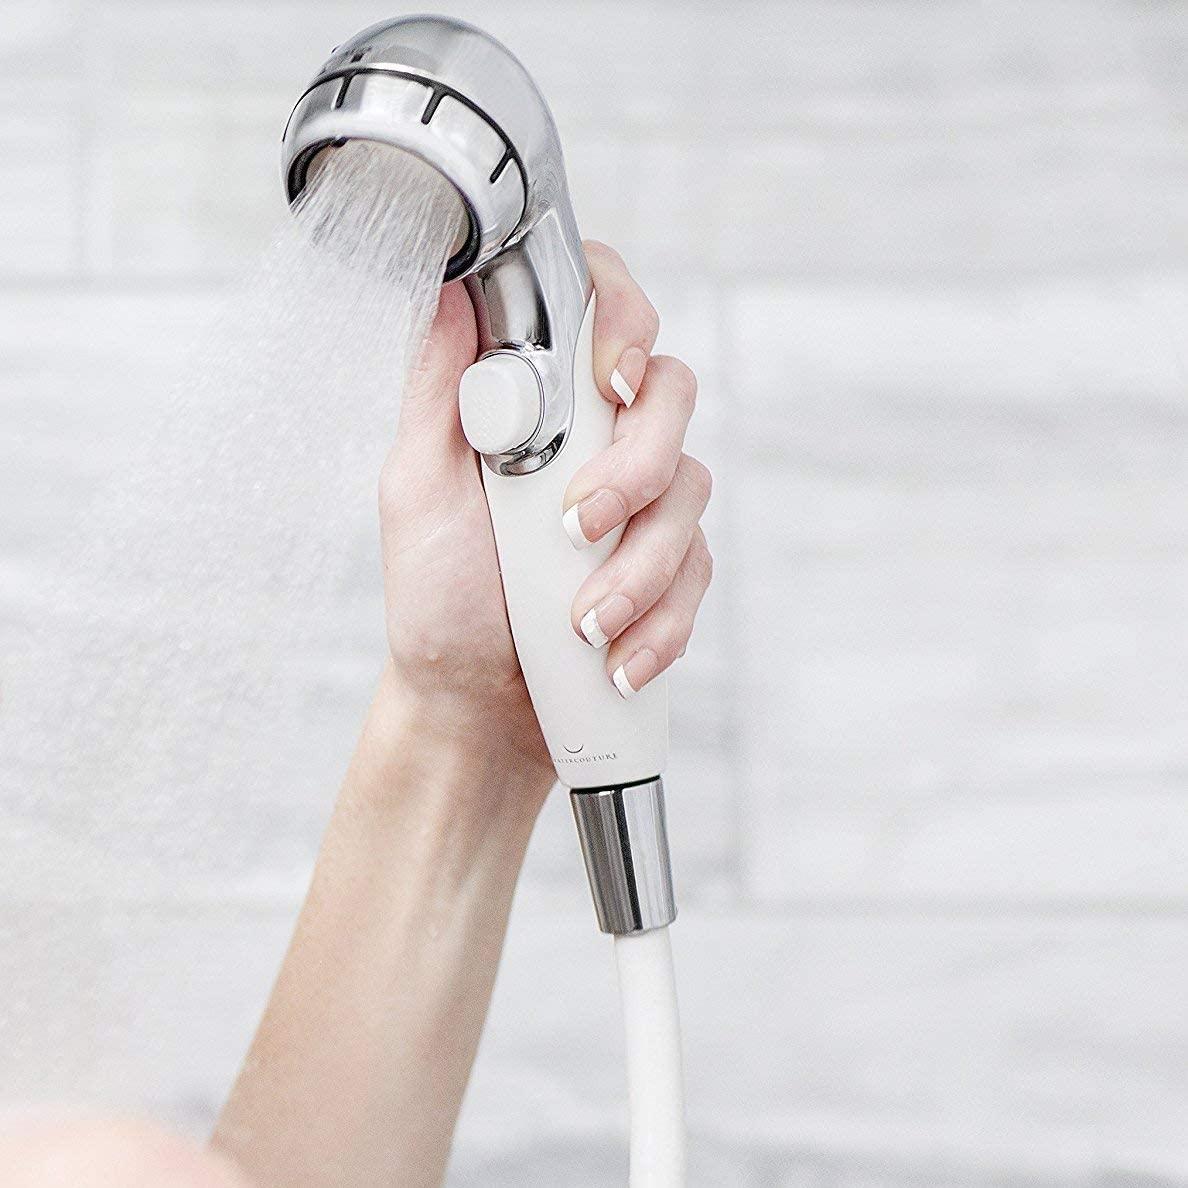 ヘッド クレイツ シャワー